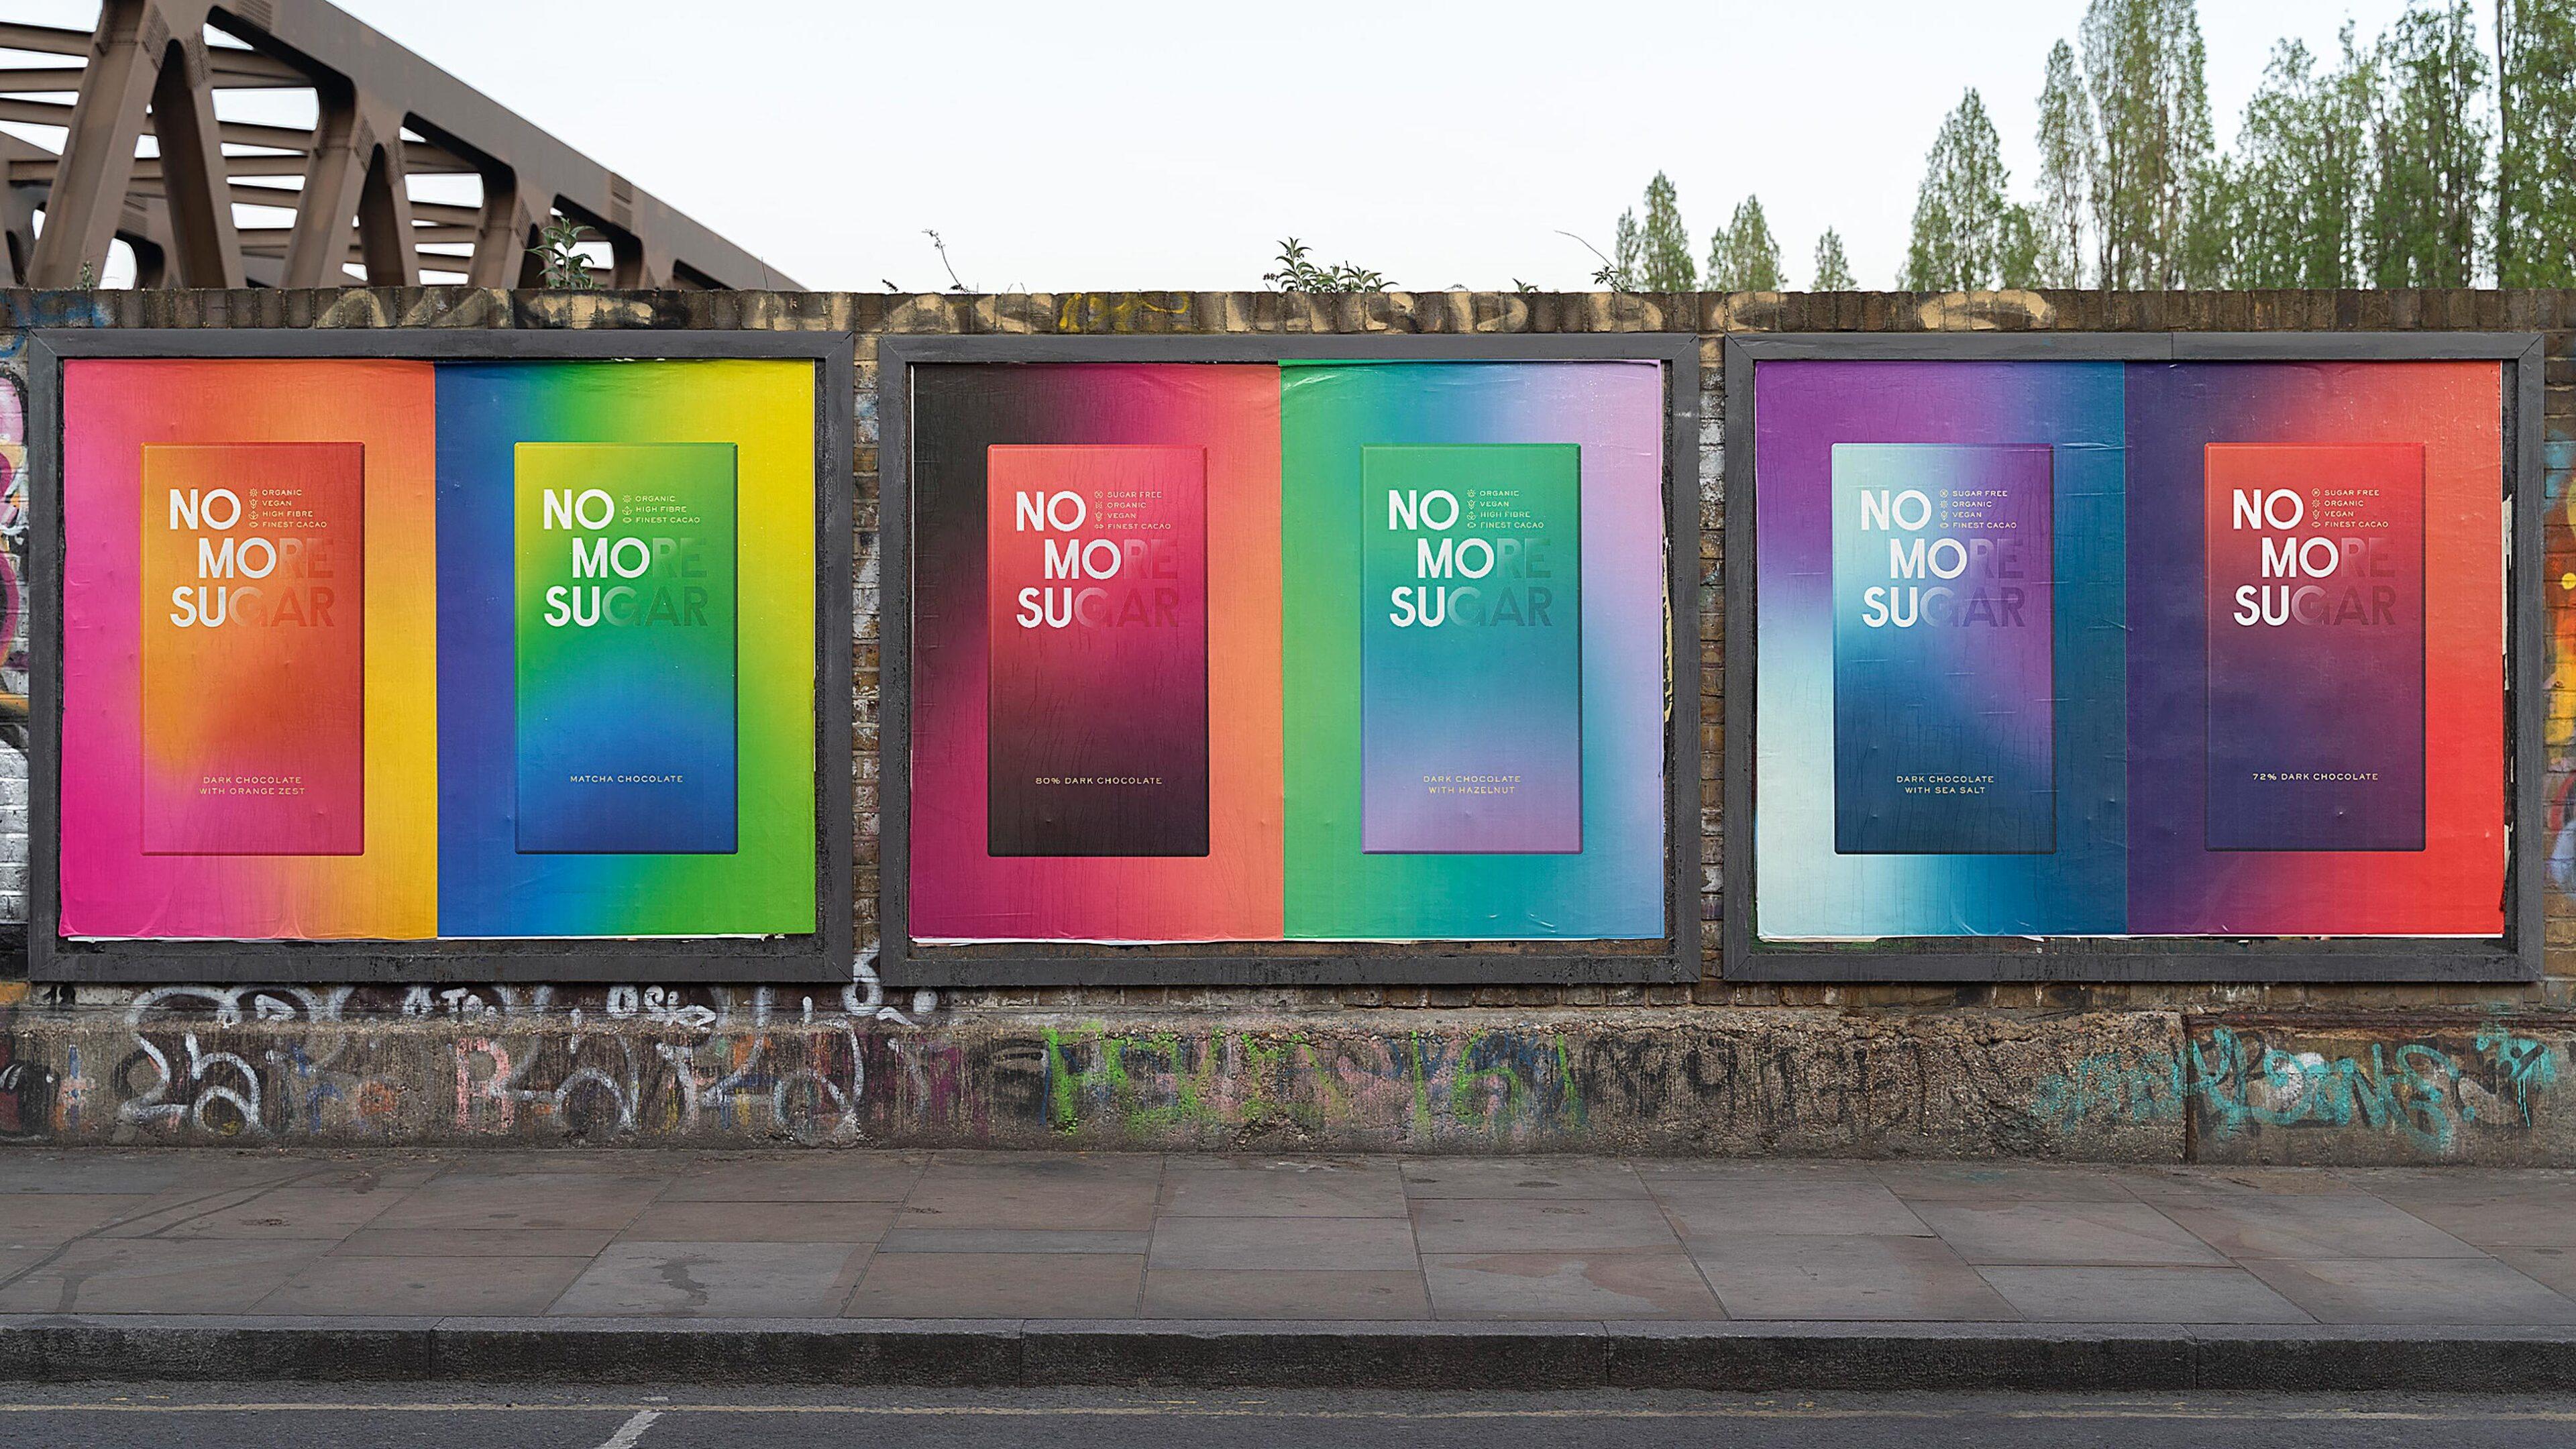 NOMOSU Posters 01